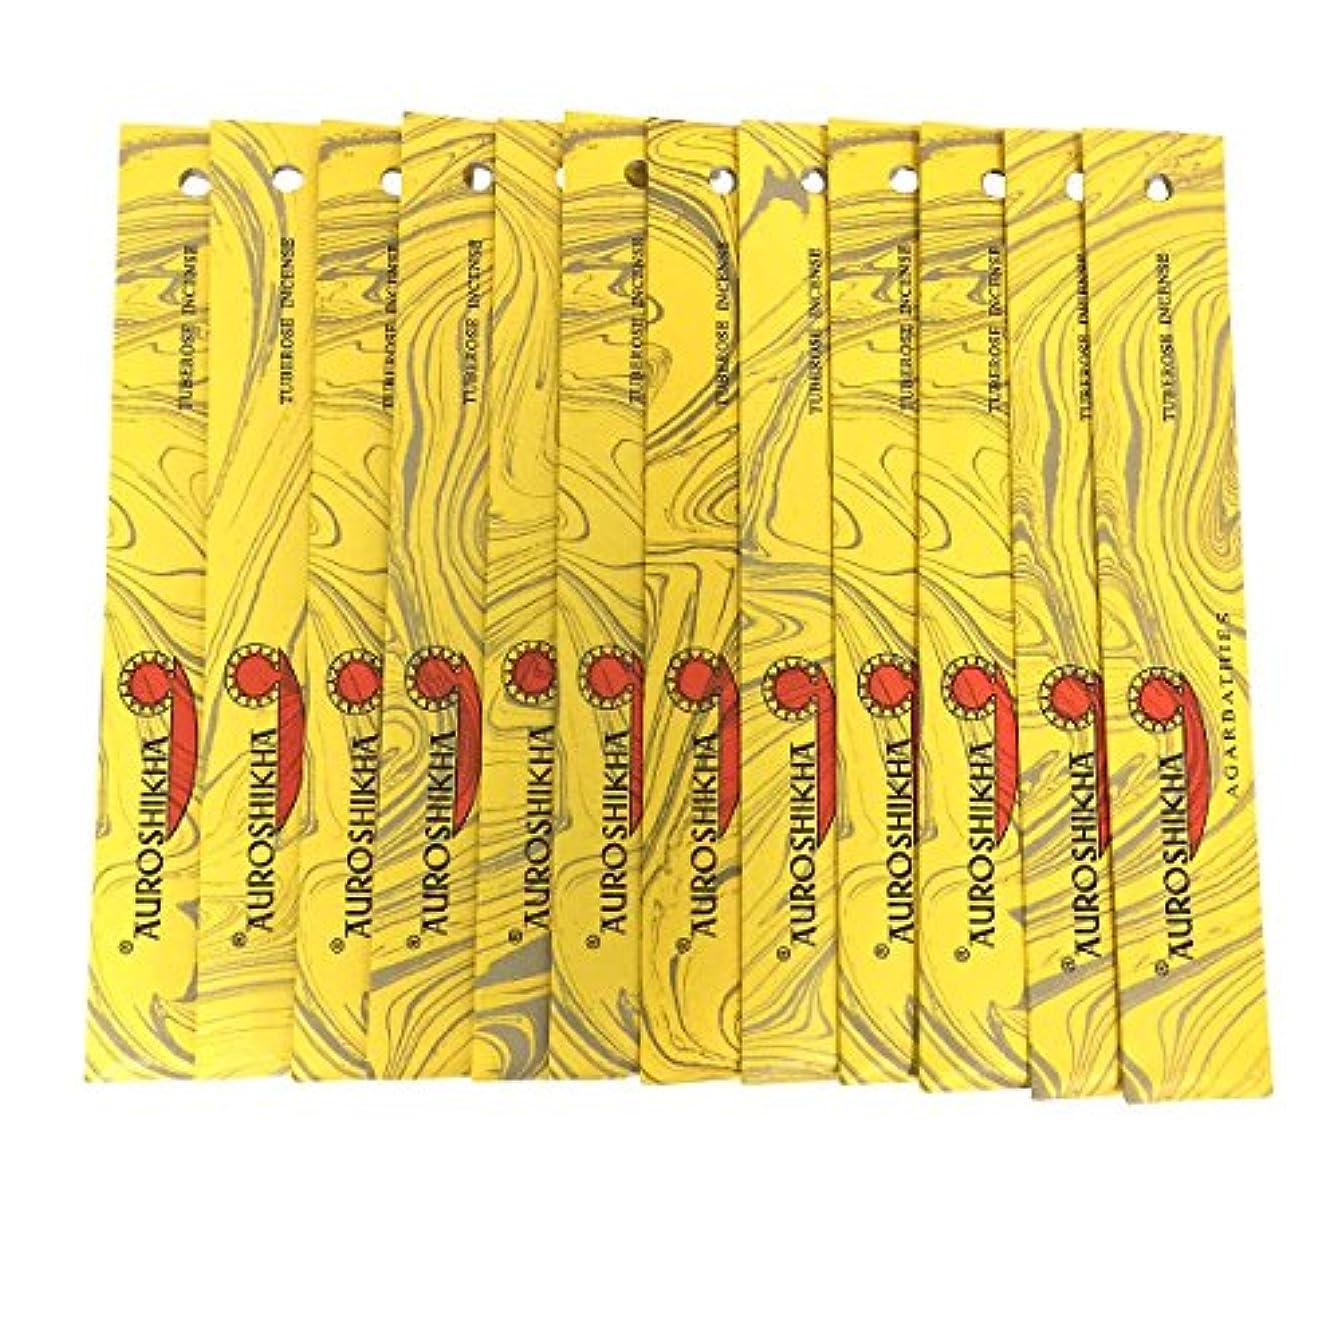 ギャラリー理解するネブAUROSHIKHA オウロシカ(TUBEROSEチューベローズ12個セット) マーブルパッケージスティック 送料無料